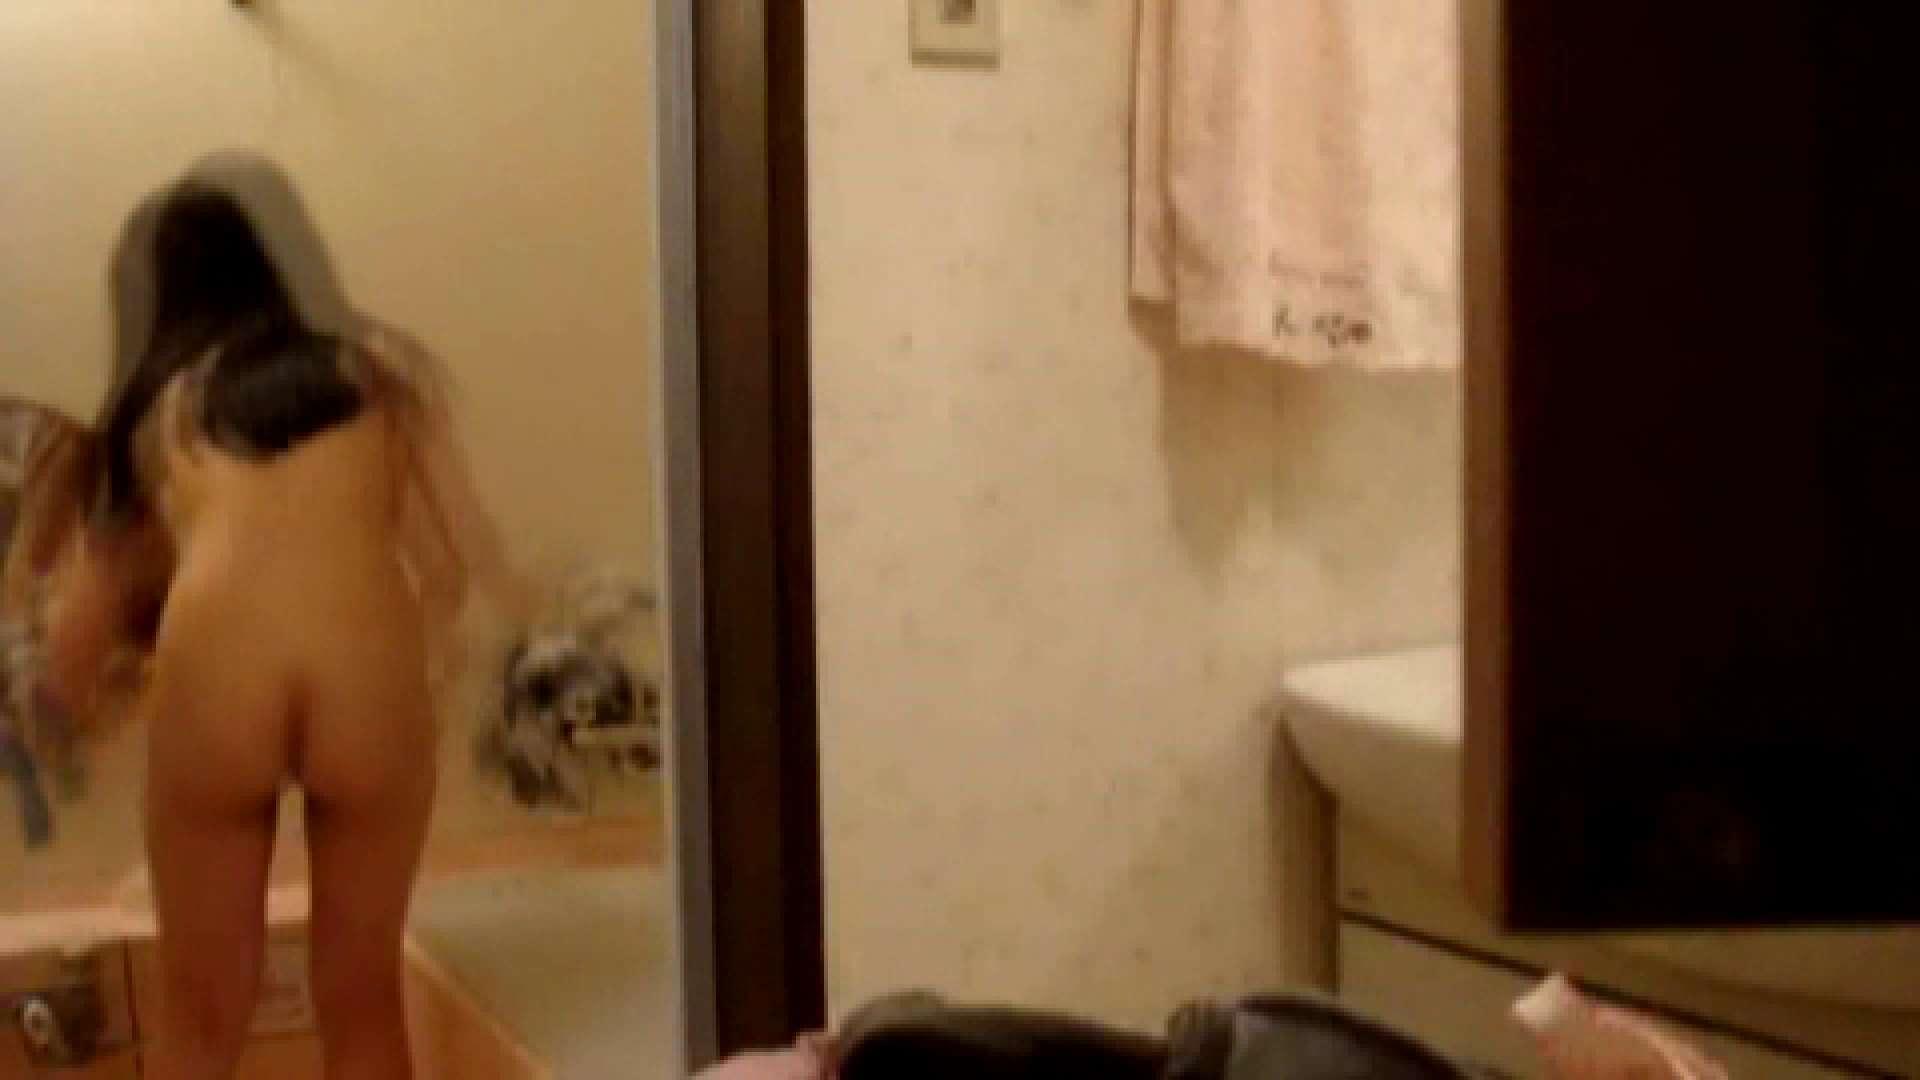 二人とも育てた甲斐がありました… vol.08 まどかの入浴中にカメラに気付いたか!? 入浴特集  9枚 4